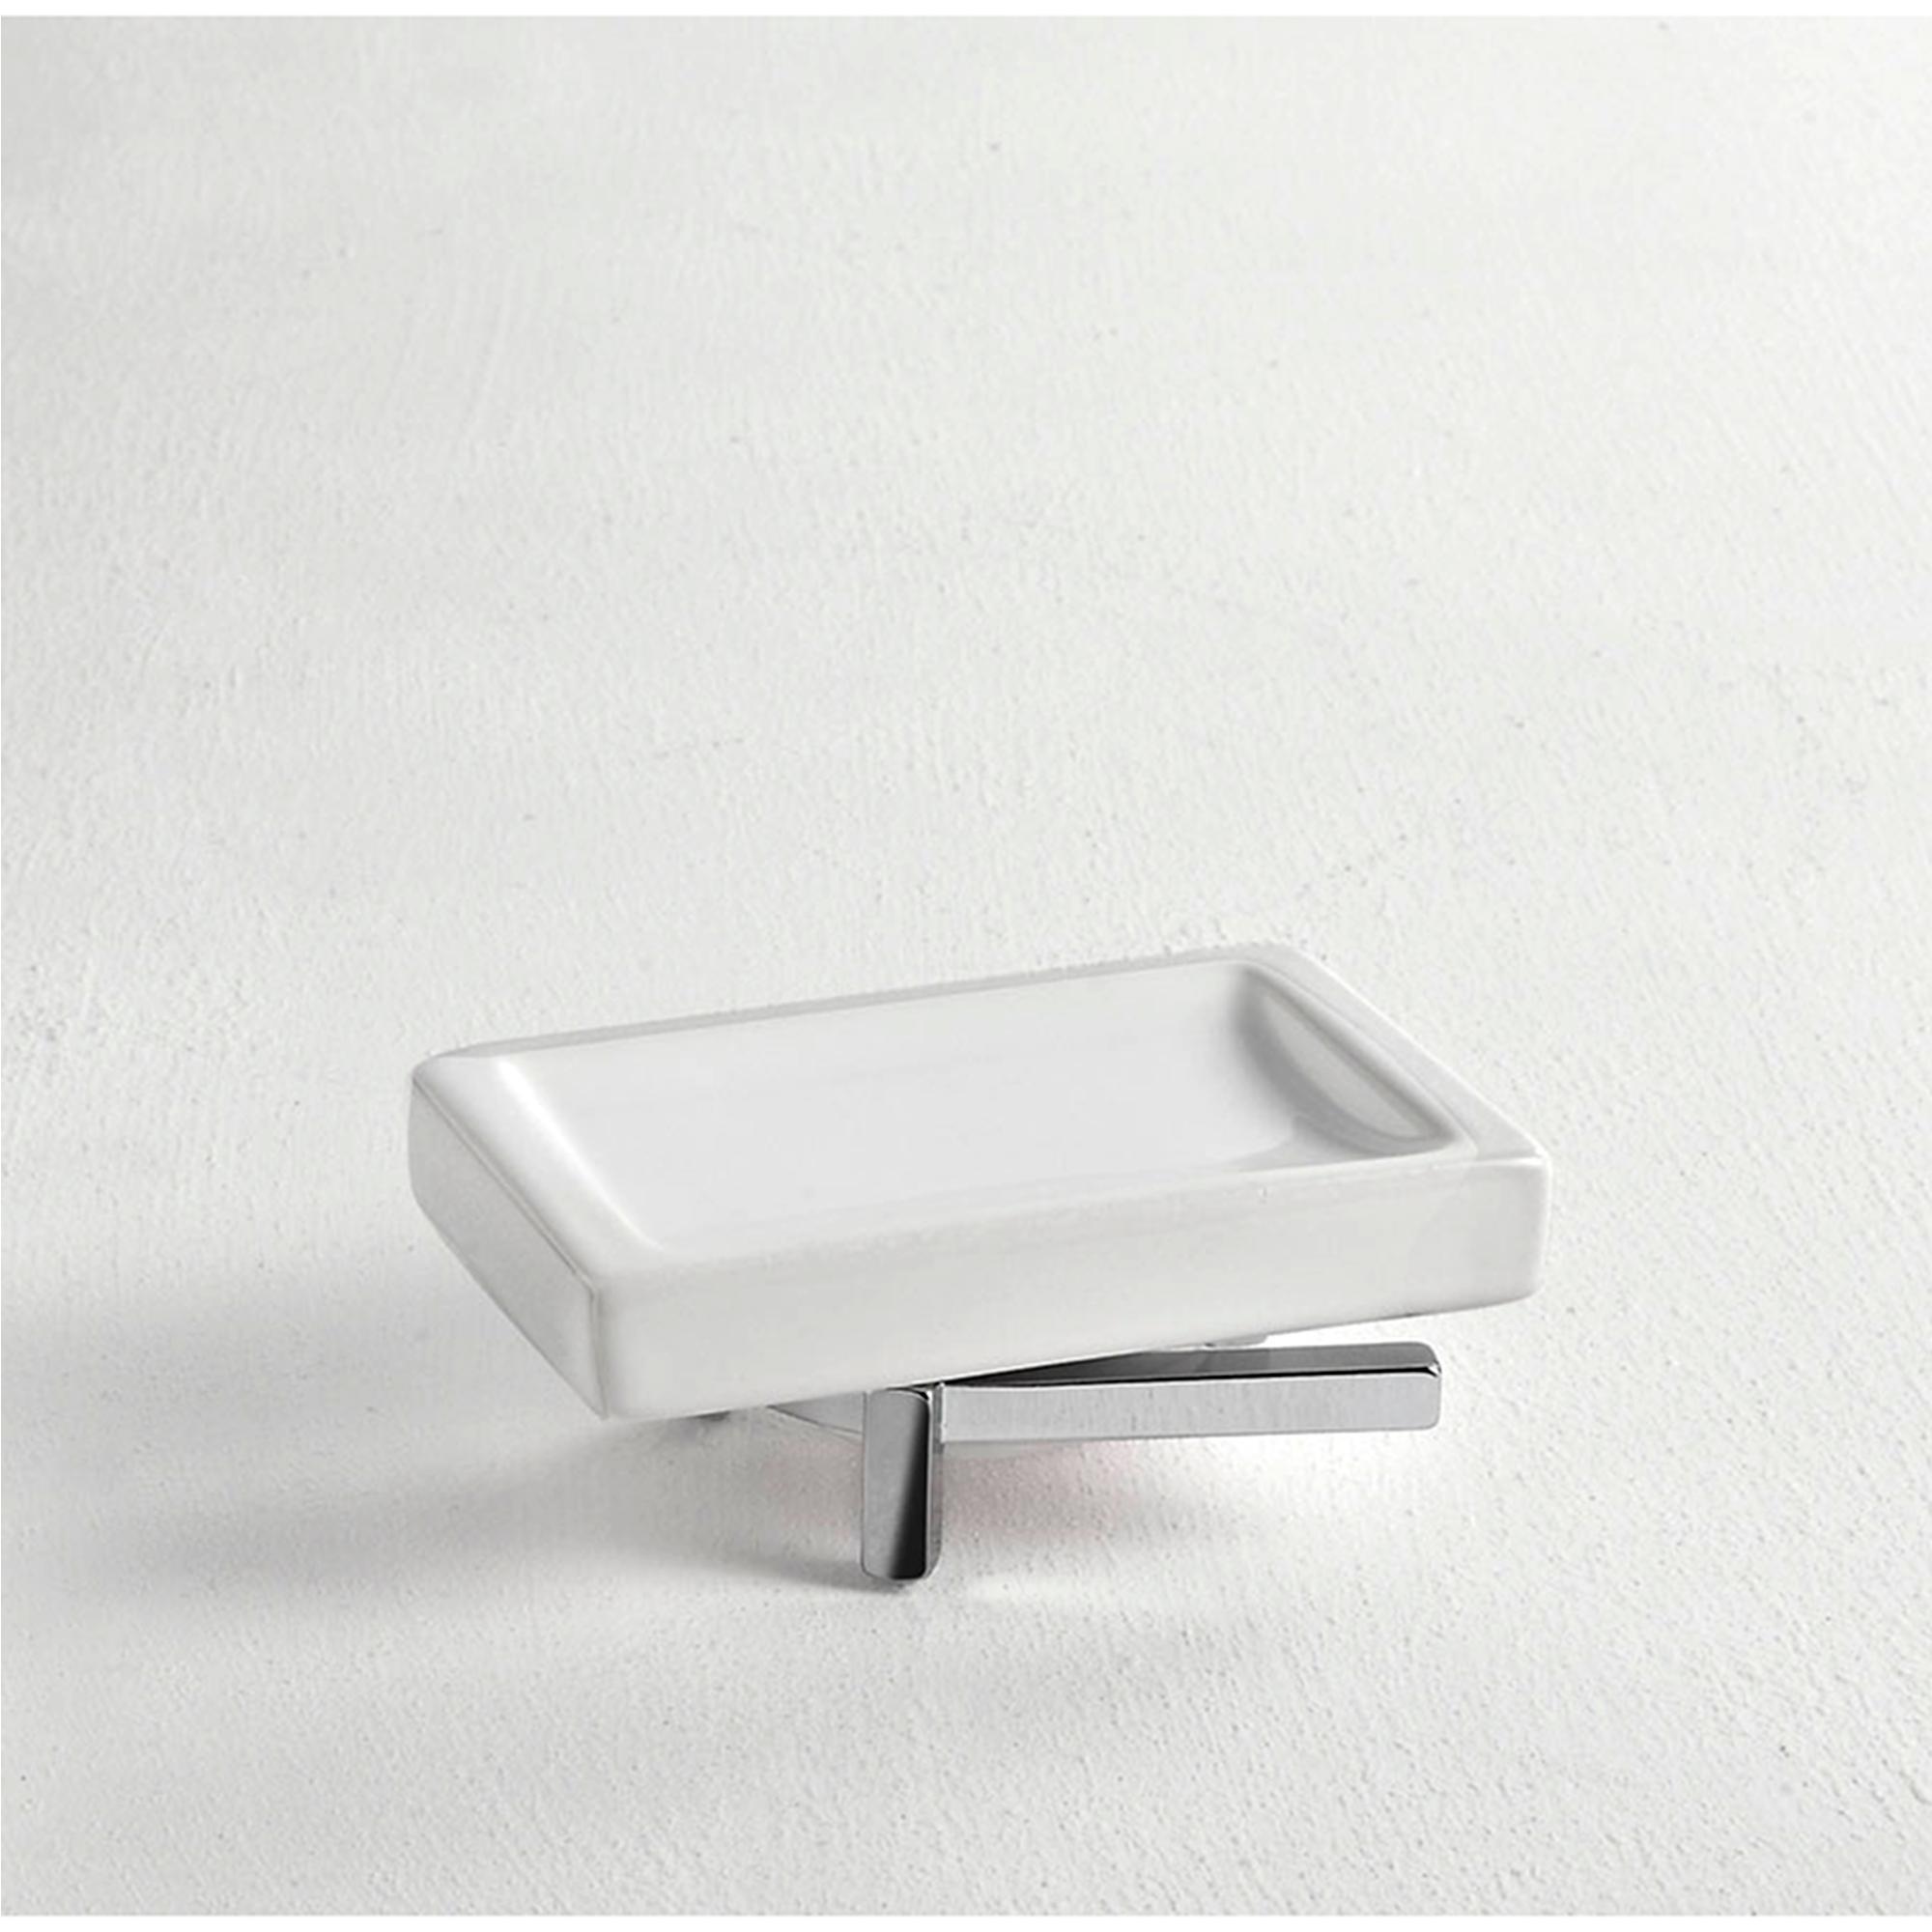 Porta sapone da appoggio cipro 12x8xh5 cm finitura cromo for Porta quadro da appoggio